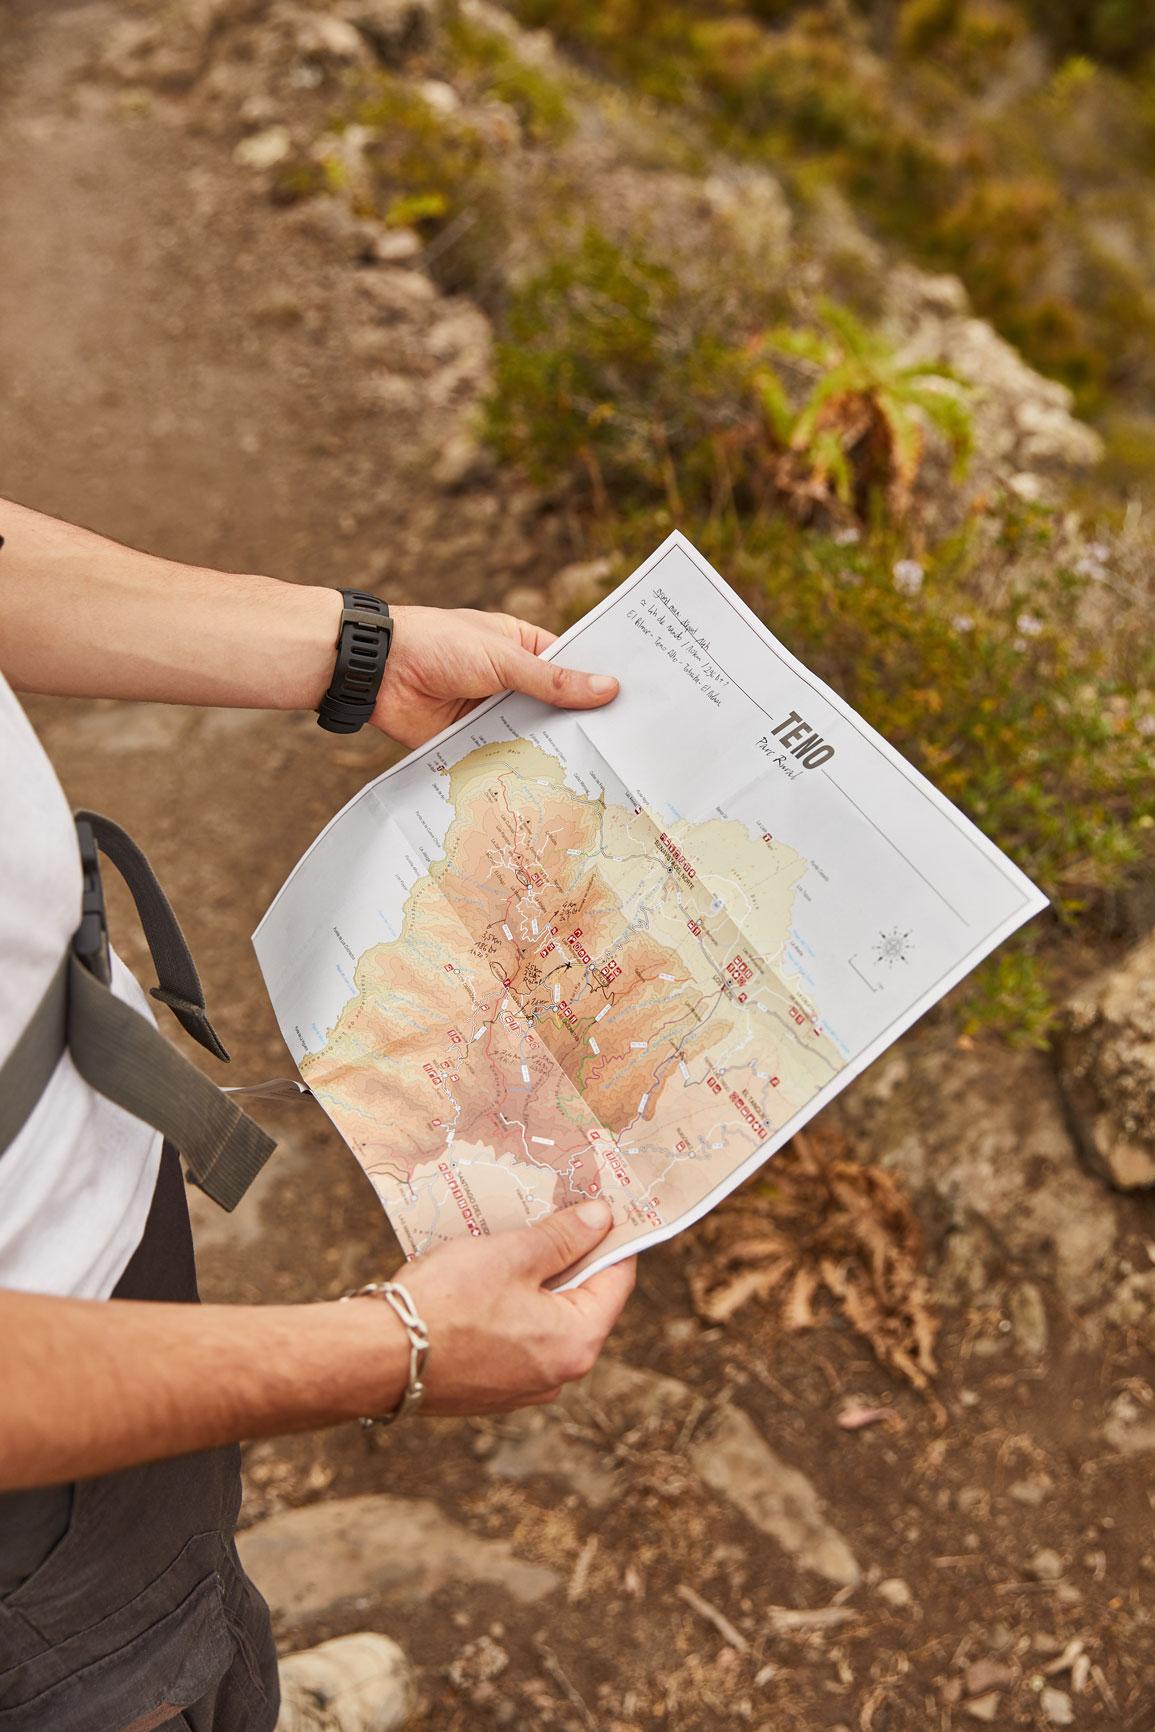 photographe outdoor rando trek